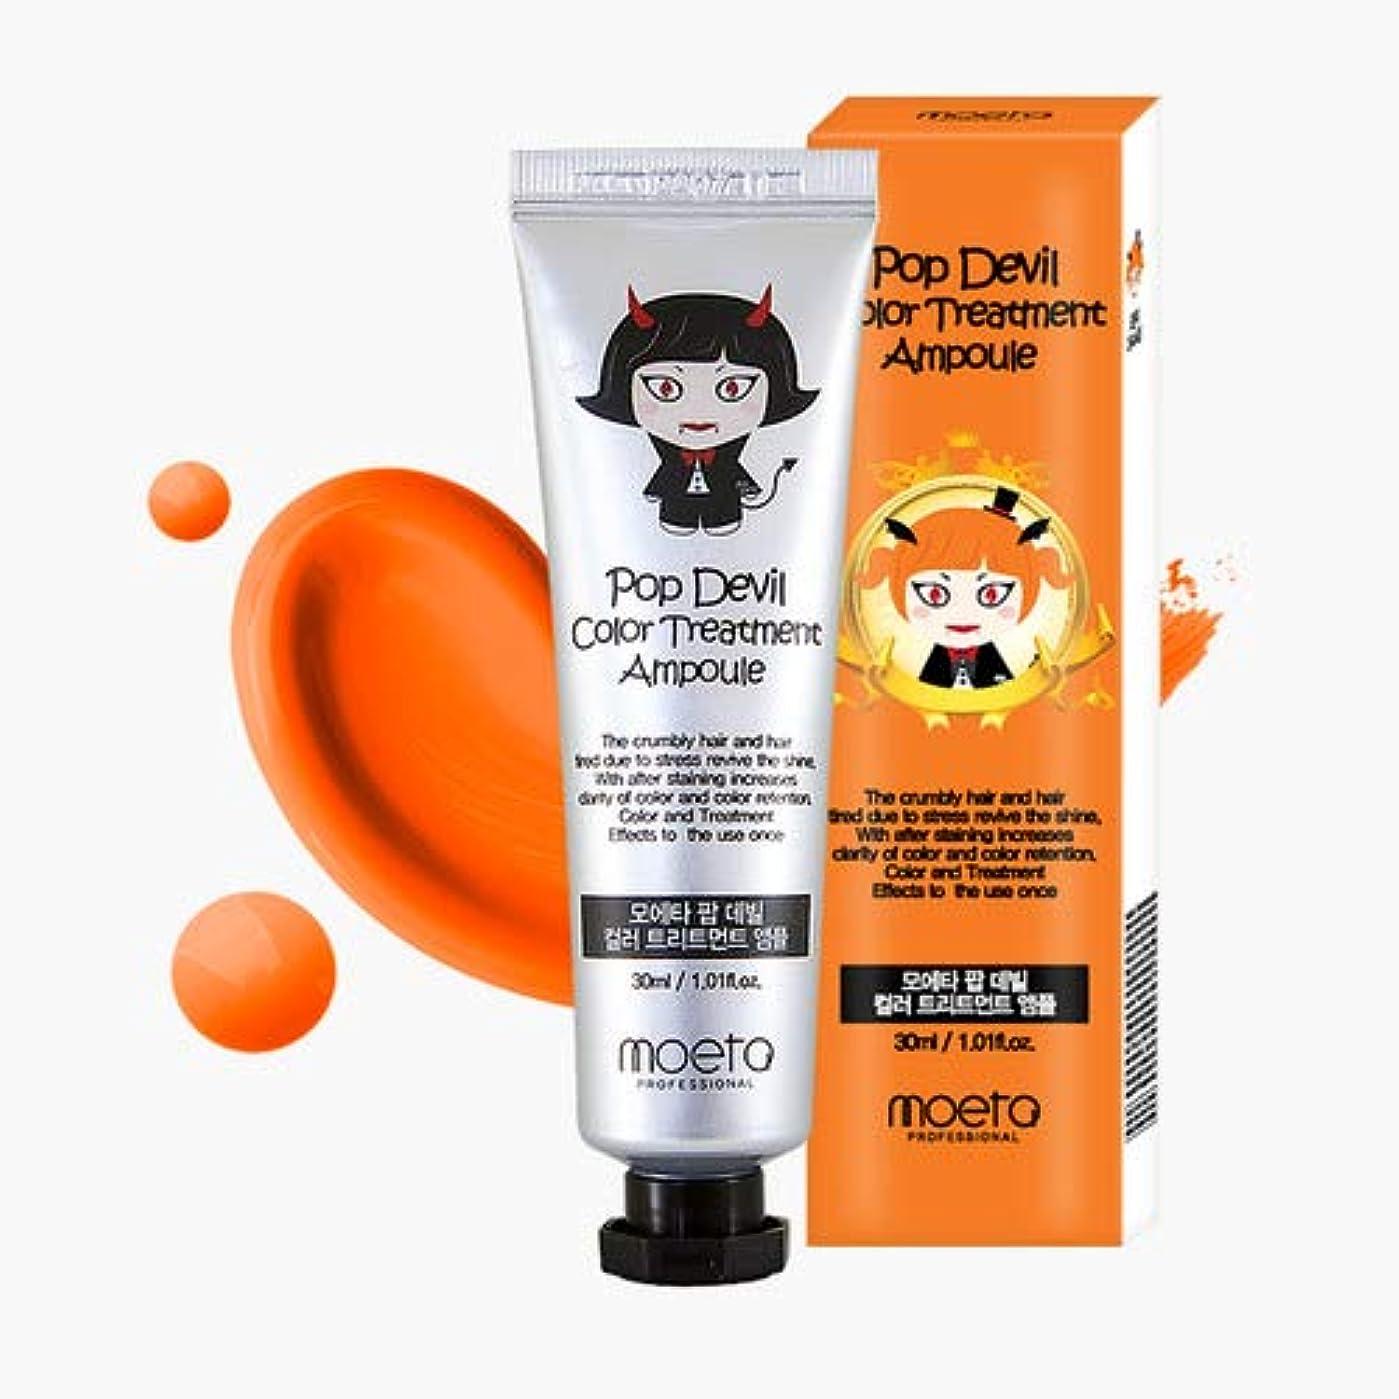 実験ピクニック対Moeta  ポップ デビル カラートリートメント アンプル / Pop Devil Color Treatment Ampoule (30ml) (オレンジ) [並行輸入品]